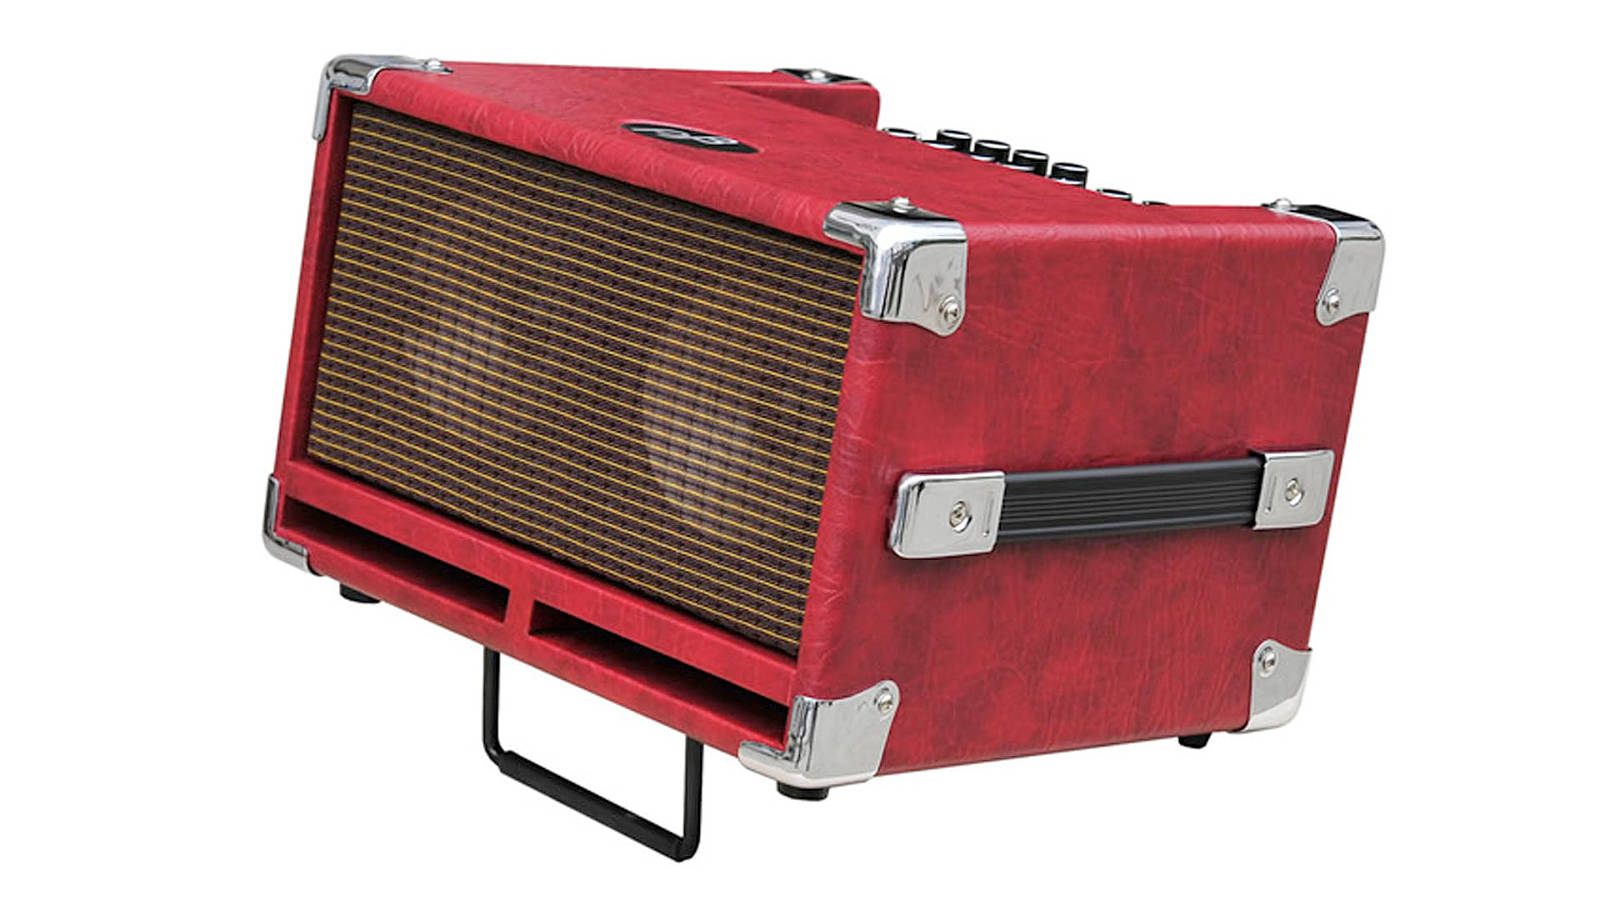 Phil Jones Bass CUB BG-100 Bass Combo Red